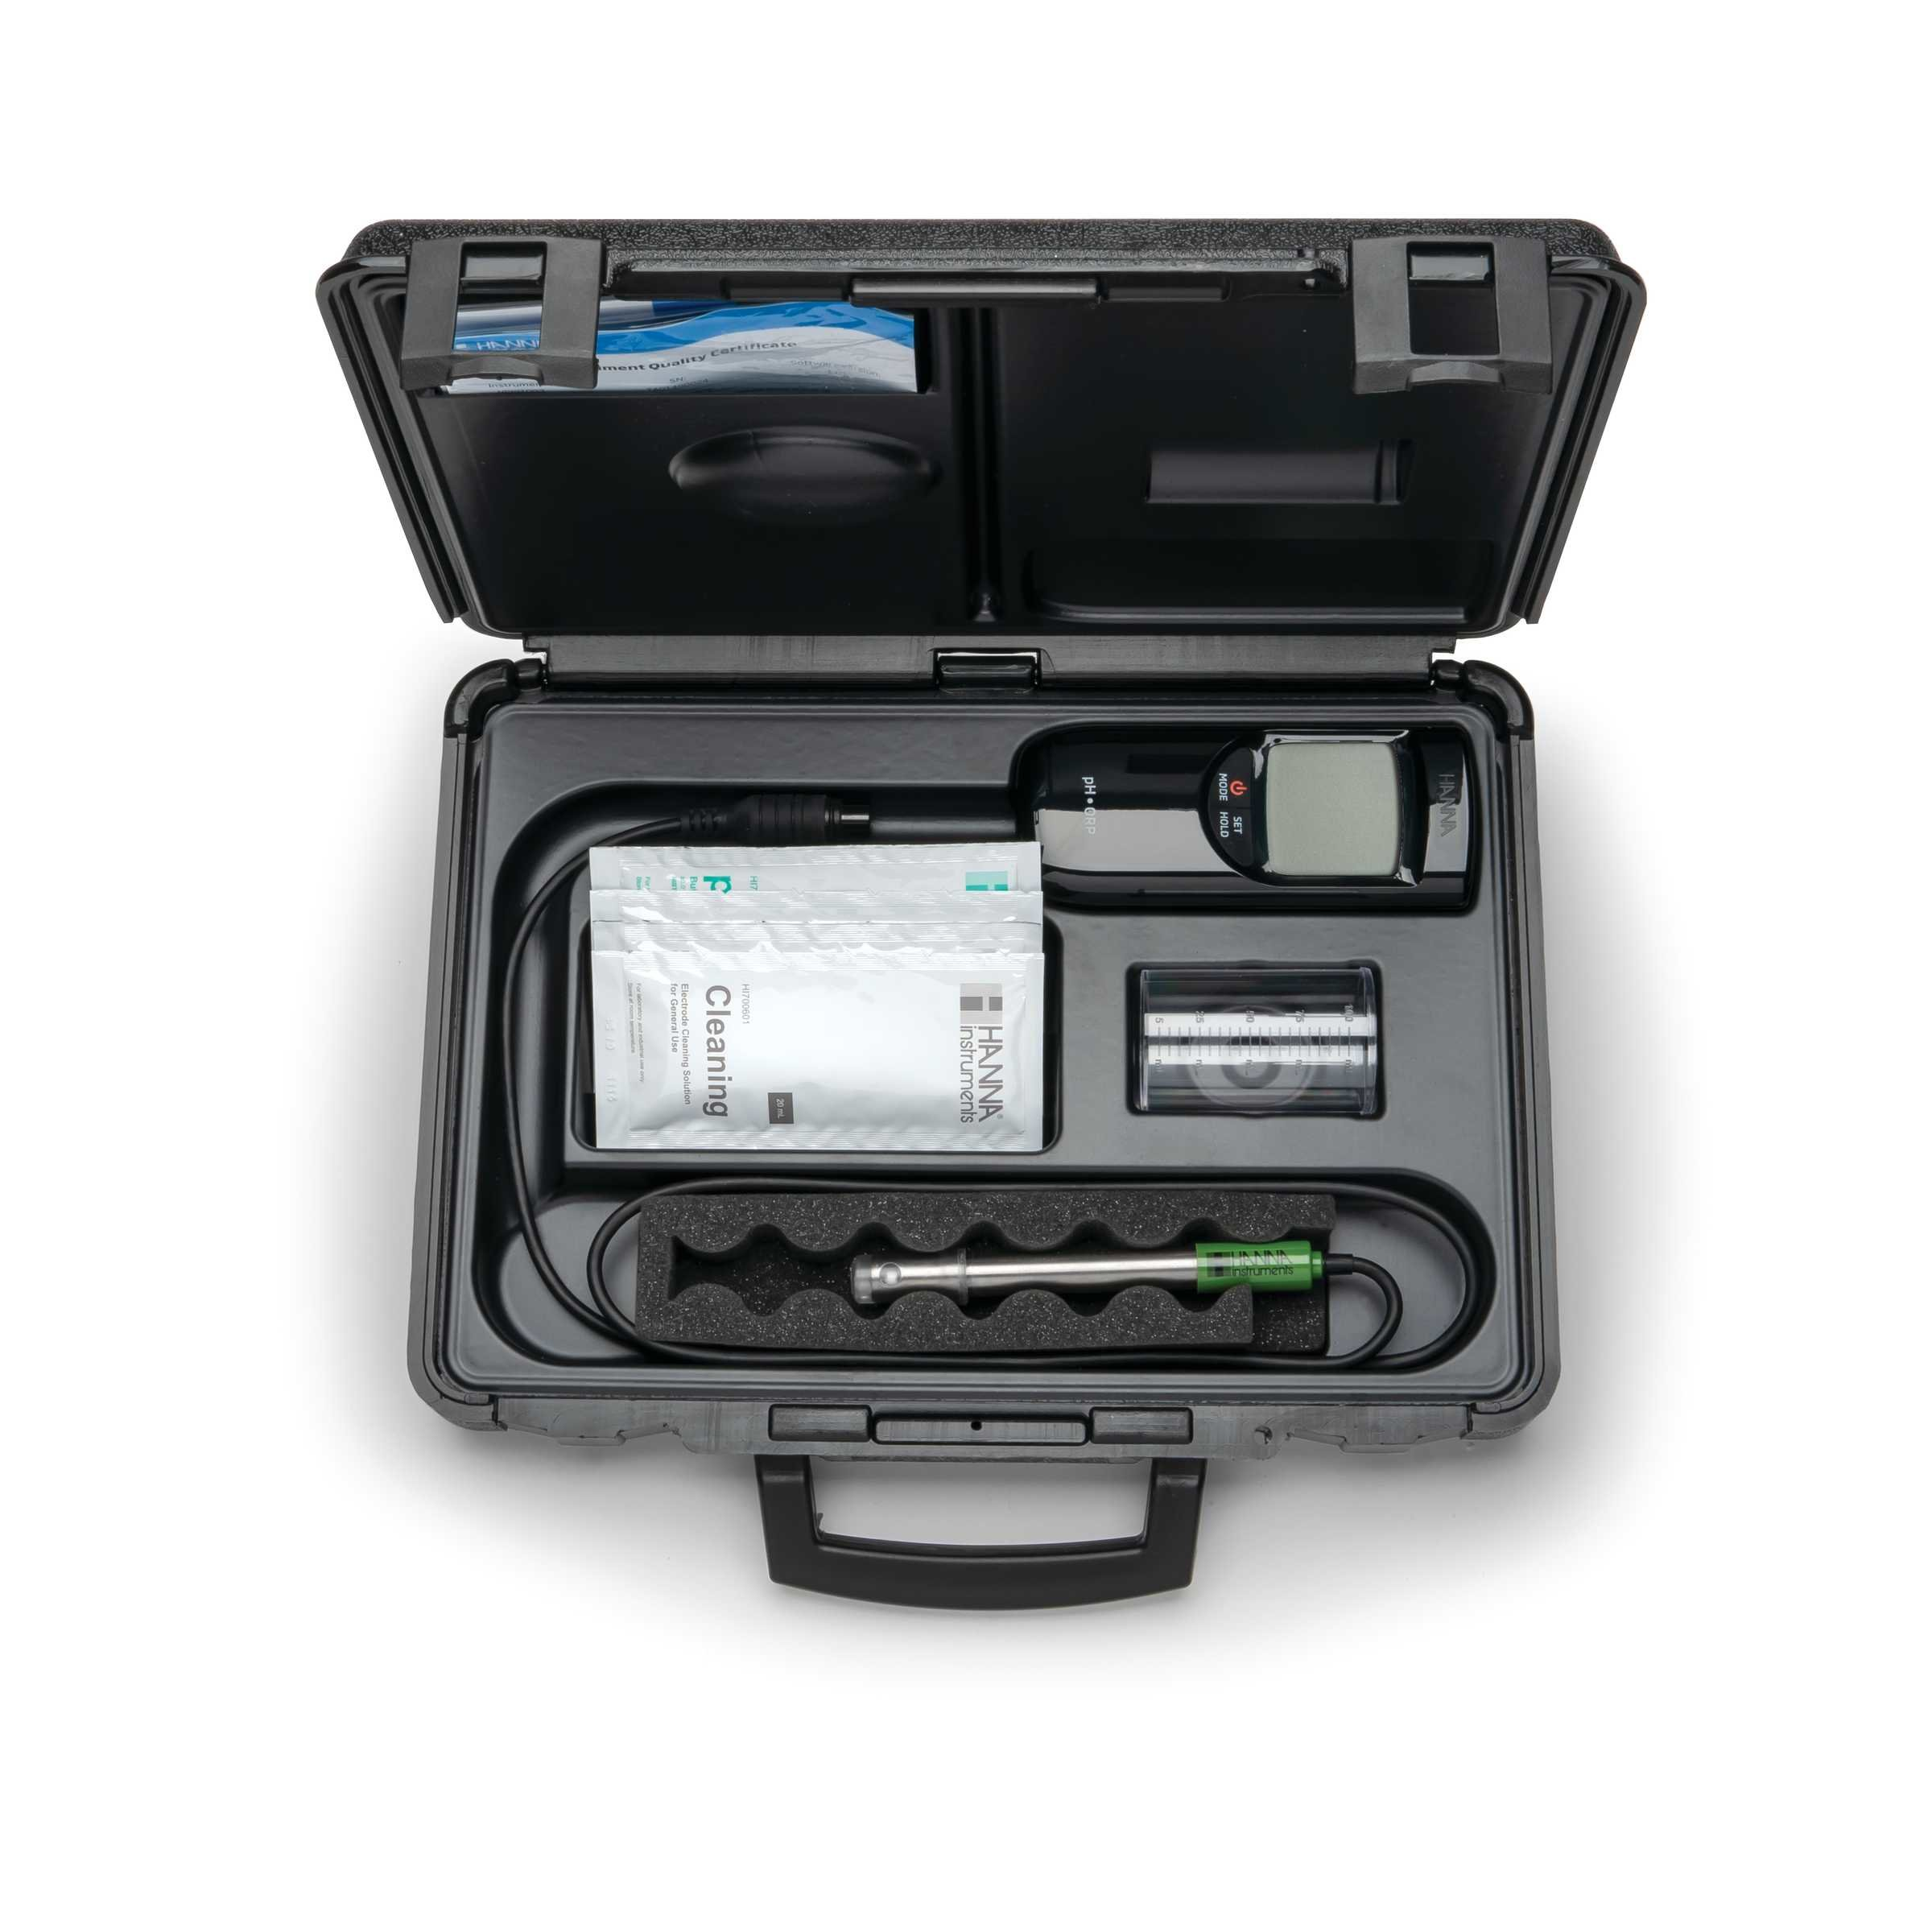 مشخصات و بررسی PH متر پرتابل با الکترود مخصوص استفاده در صنایع آبکاری HI991003